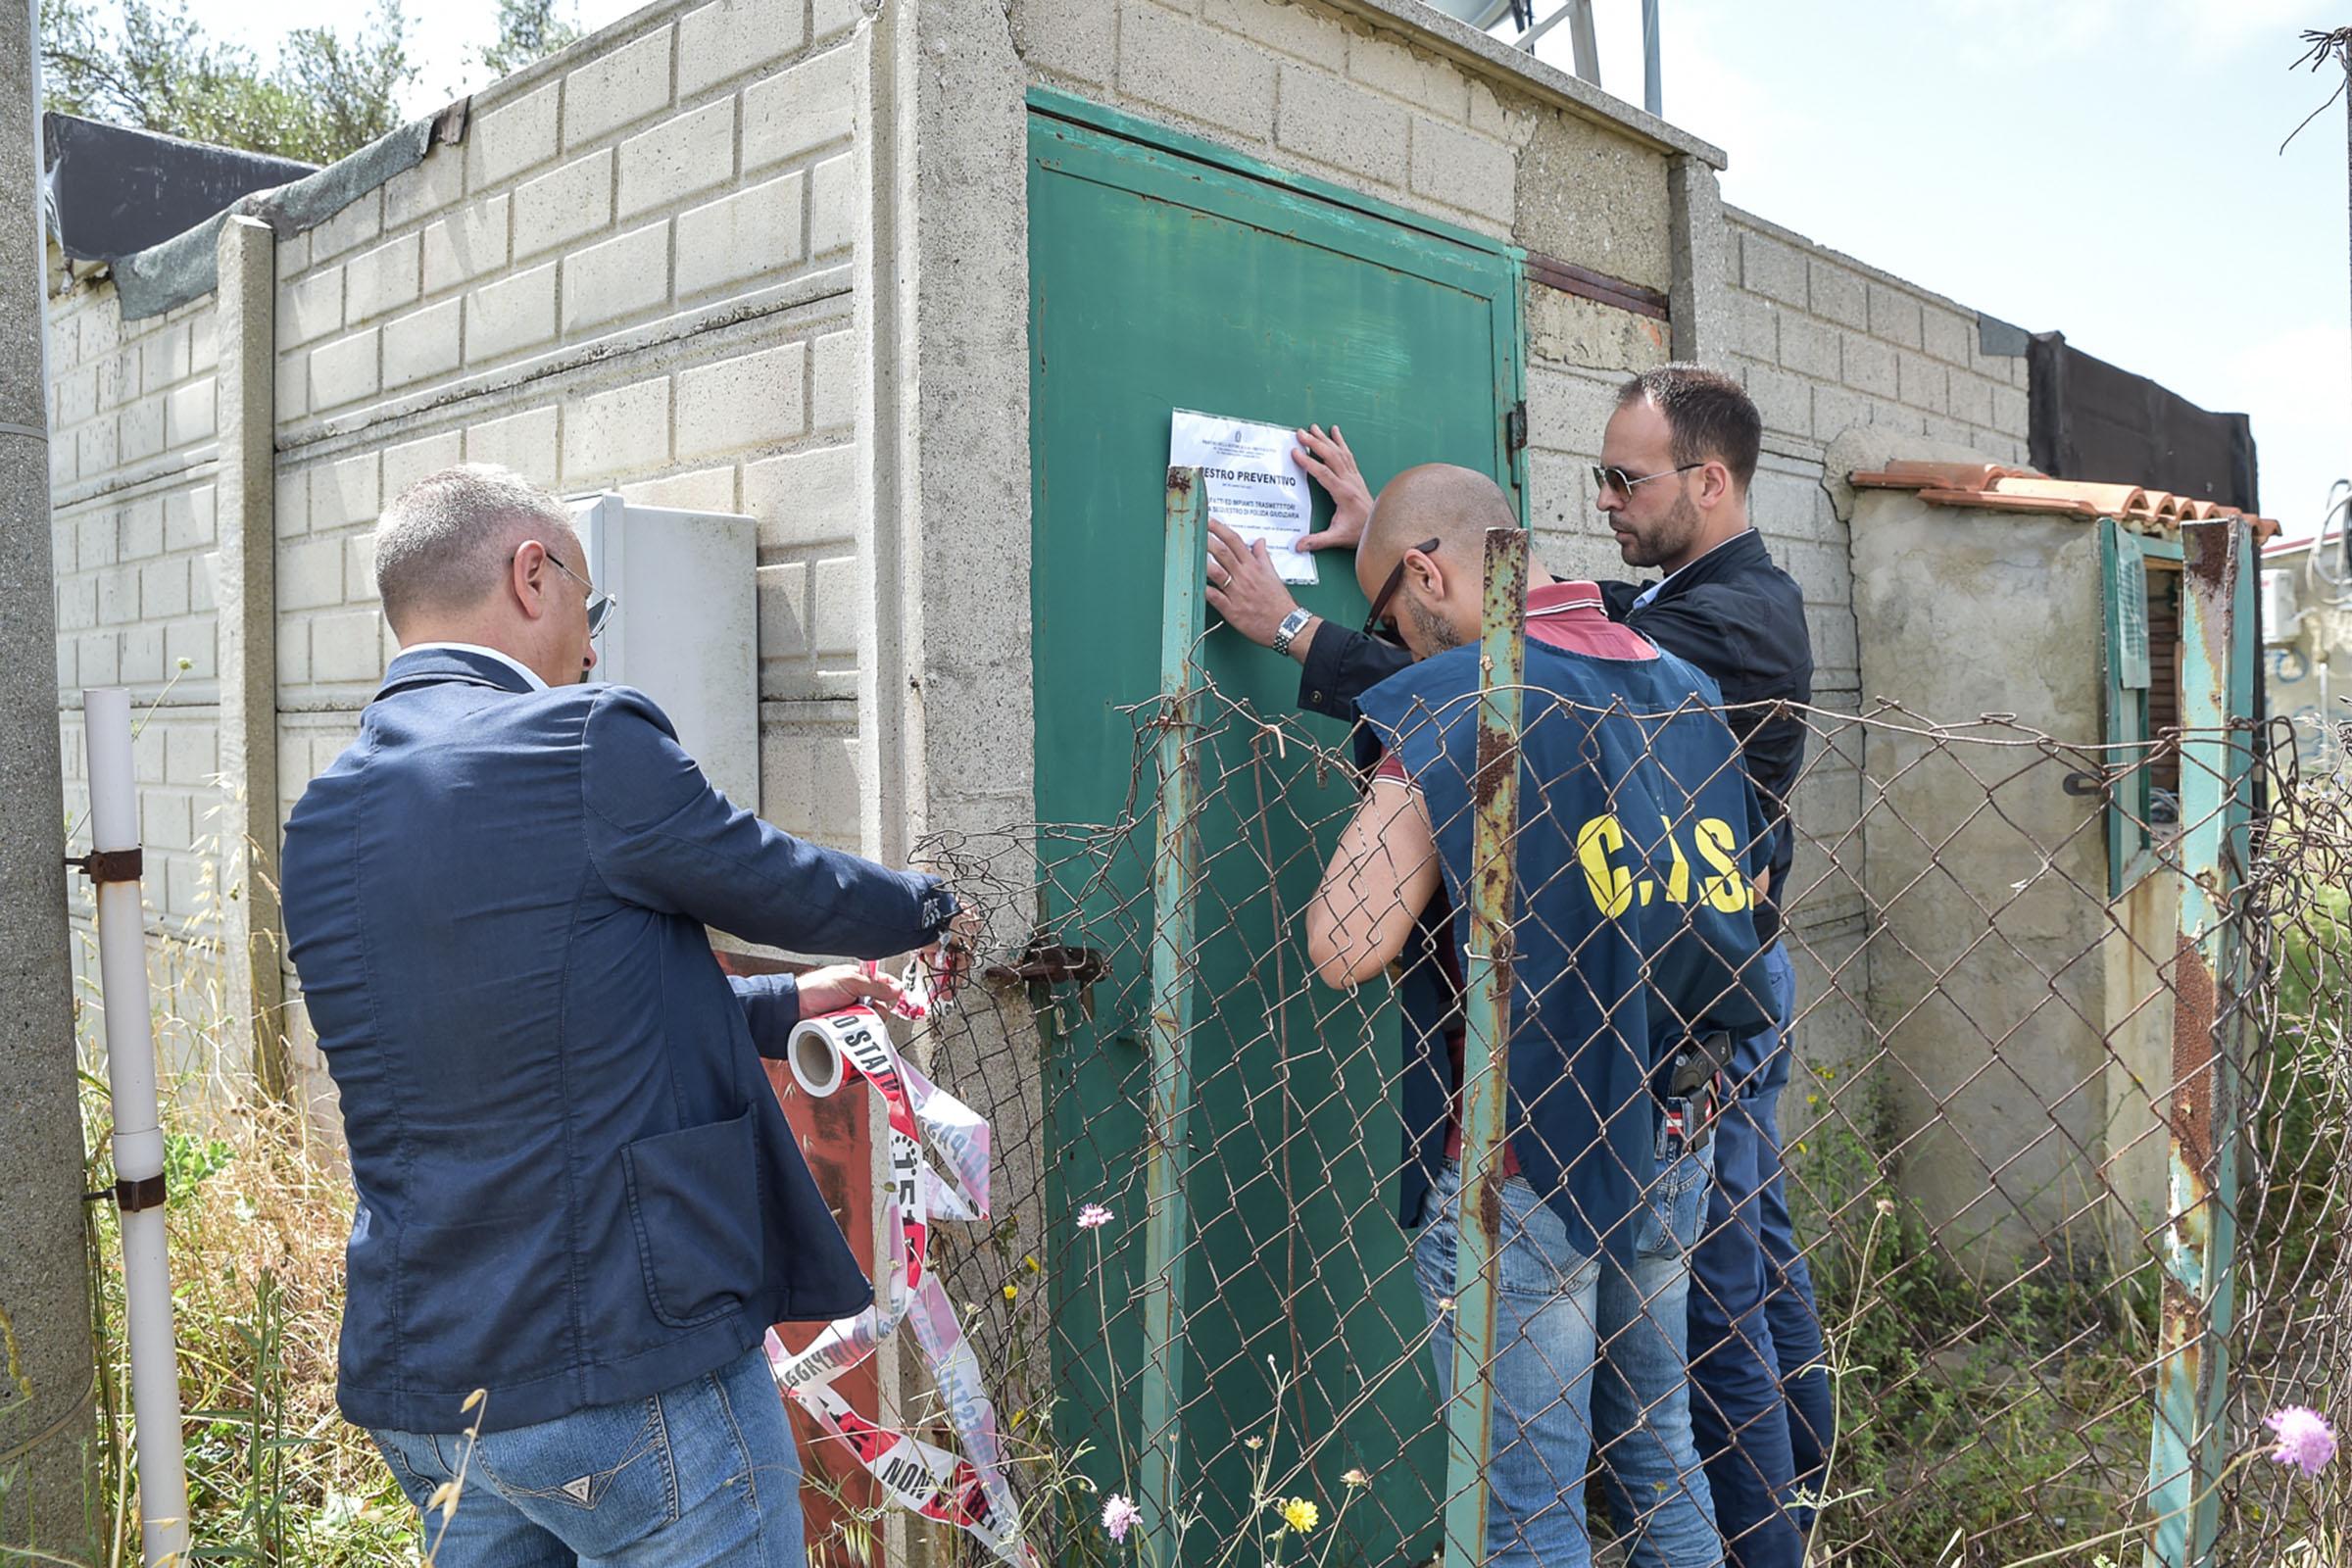 Antenne televisive sequestrate a Vibo Valentia: partono tre avvisi di garanzia, uno anche per Mediaset